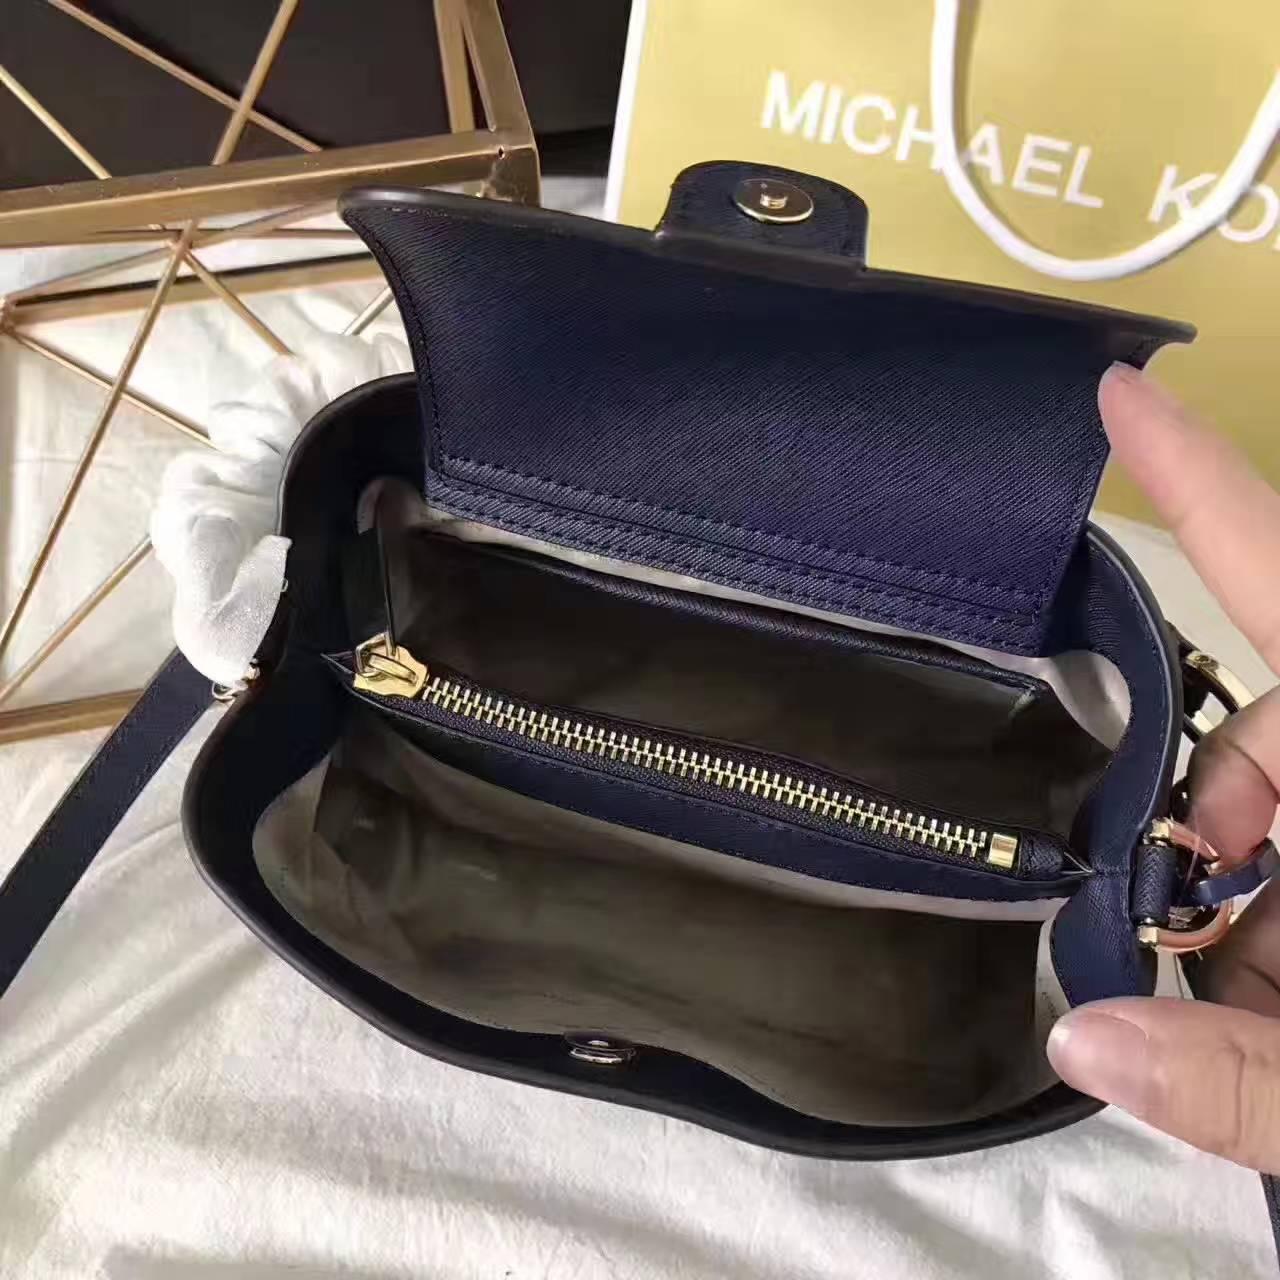 迈克高仕MK新款包包 2017年新款牛皮玉石包单肩斜挎女包 深蓝色